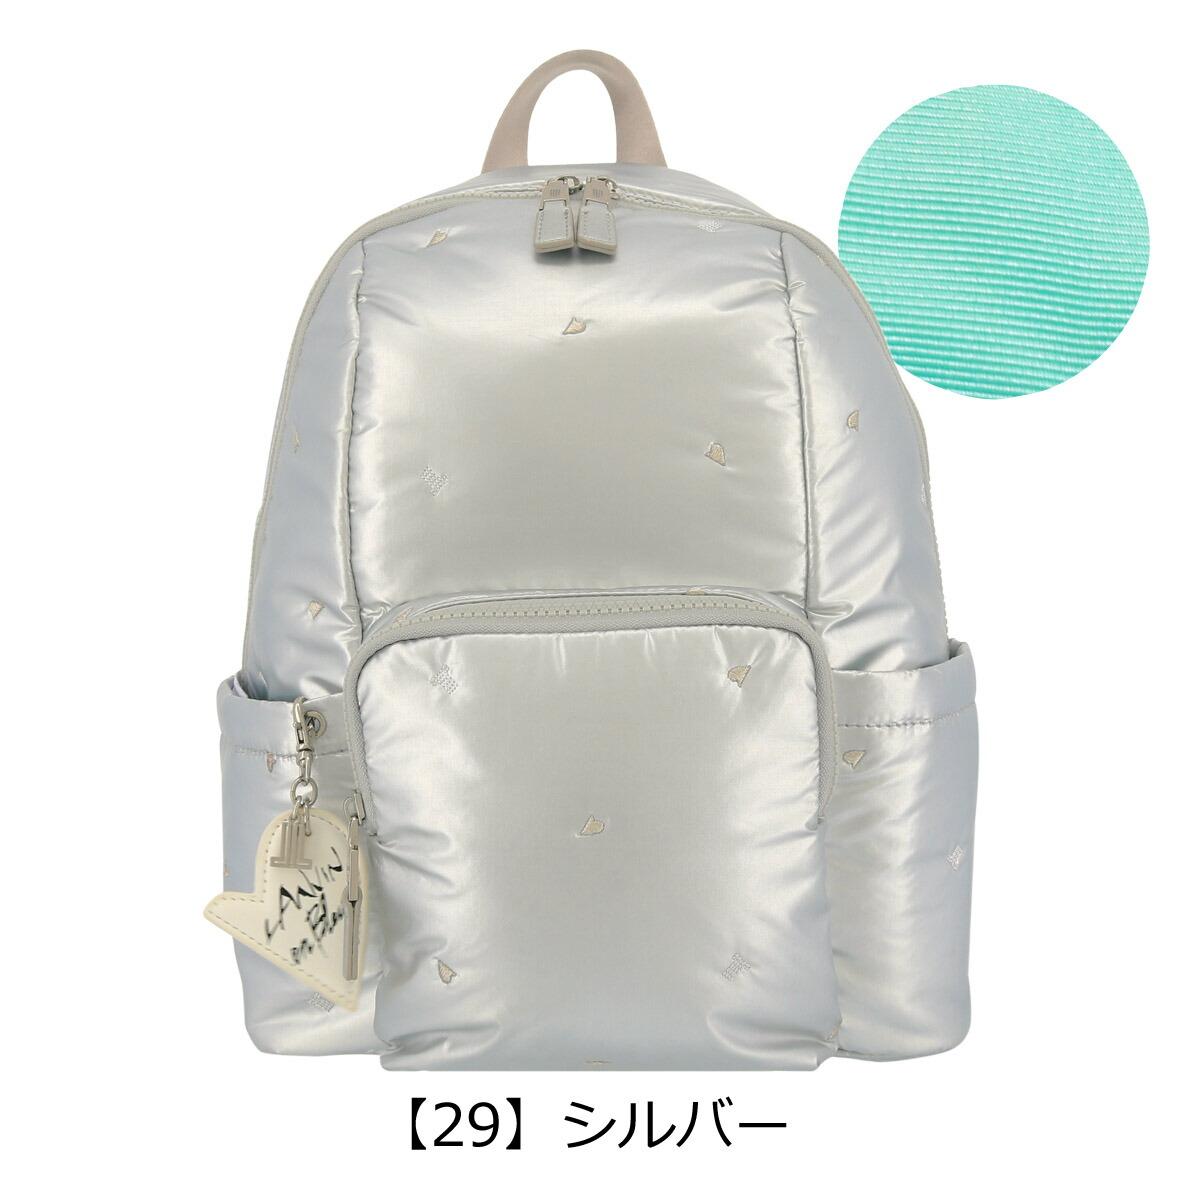 【29】シルバー